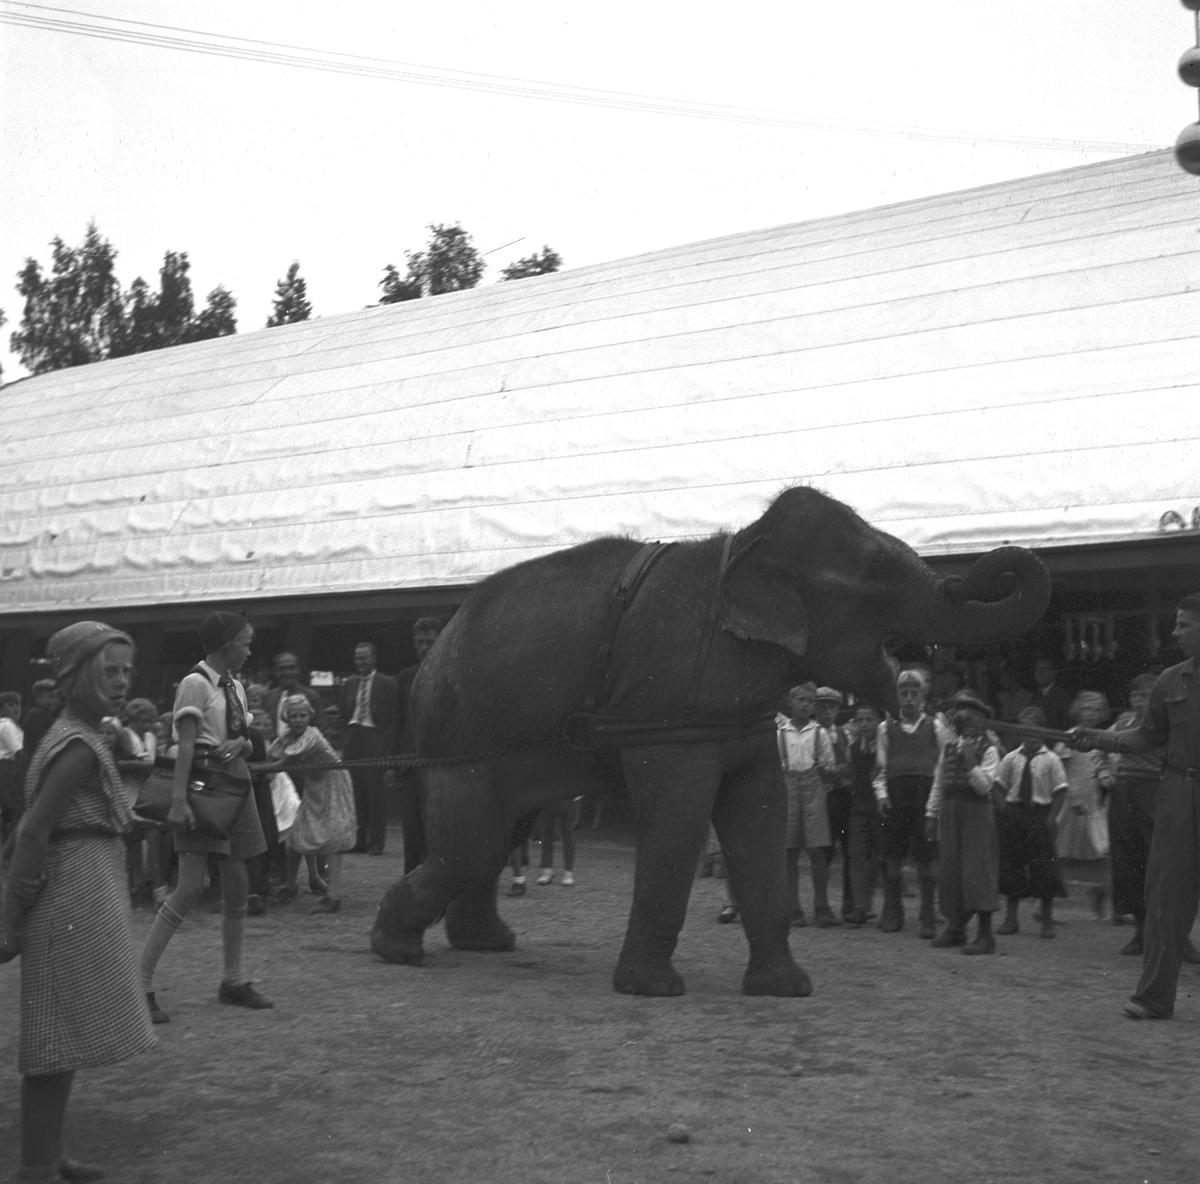 Furuvik. Elefant på promenad